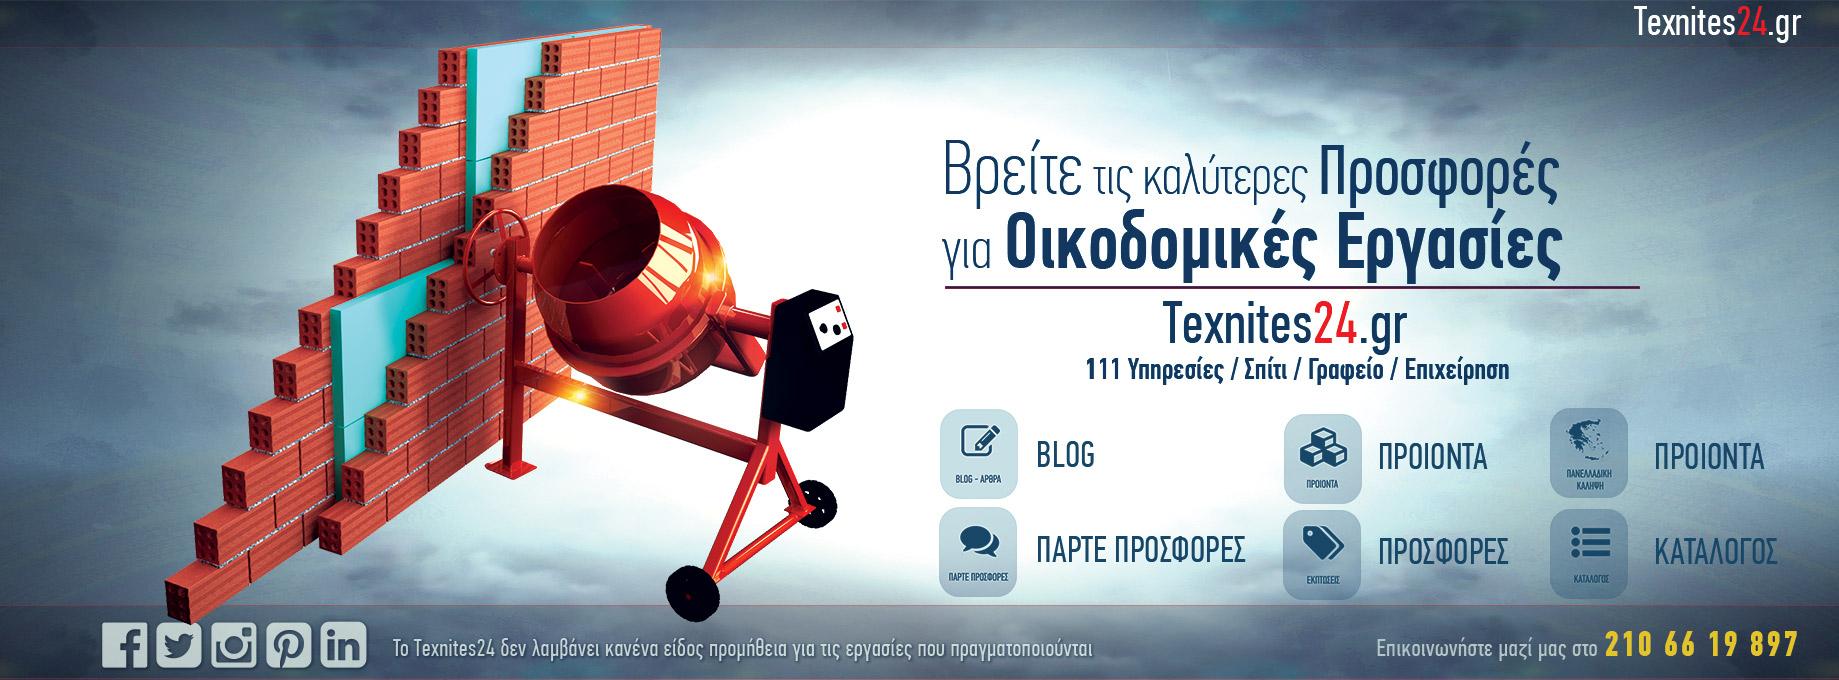 Οικοδομικές Εργασίες, Κατασκευές, Χτίστες, Εργάτες